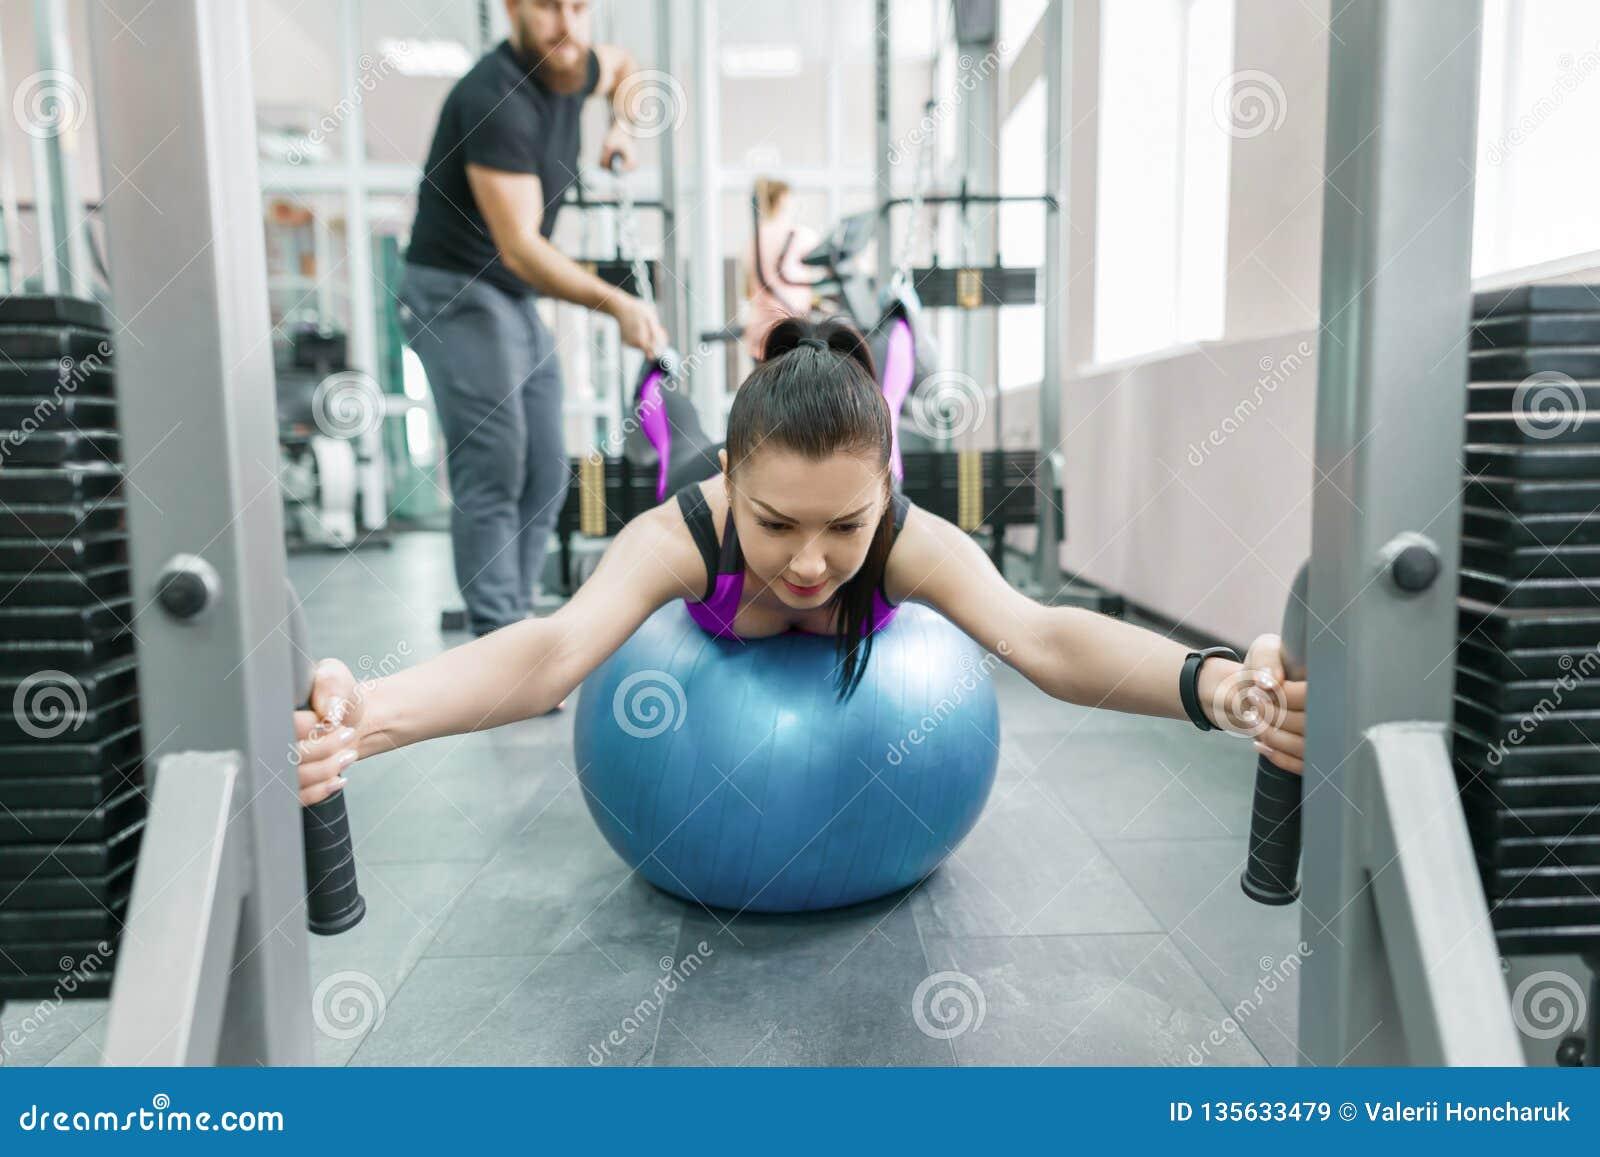 不随意运动技术,运动疗法,健康生活方式 做与个人辅导员使用的年轻女人修复锻炼